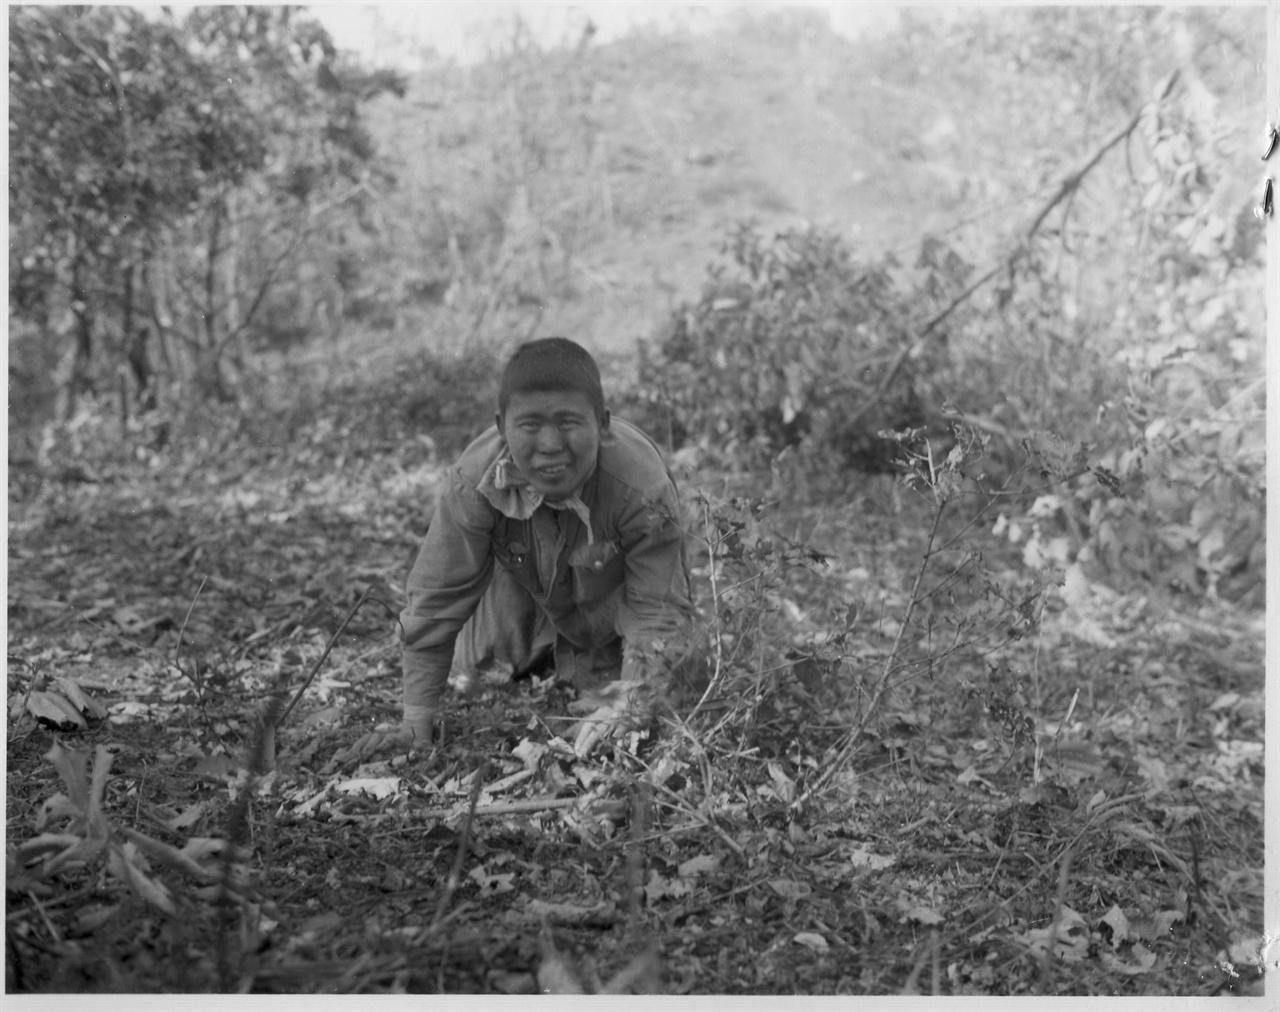 1951. 9. 20. 수풀 속에 숨어있던 한 인민군 병사가 총구 앞에서 짐승처럼 기어 나오면서 투항하고 있다.